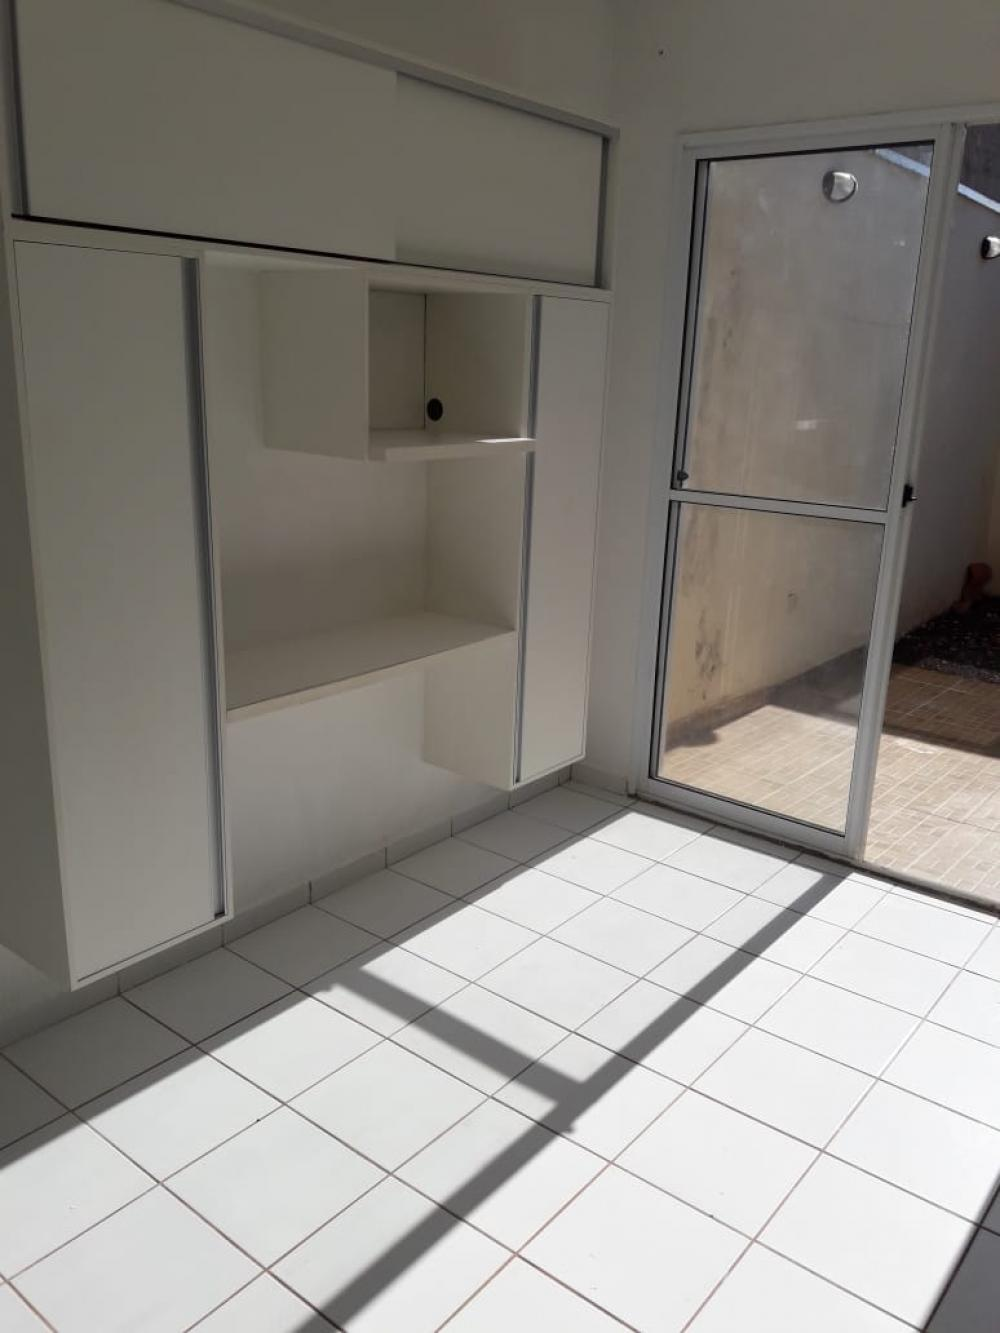 Comprar Casa / Condomínio em São José do Rio Preto apenas R$ 165.000,00 - Foto 5